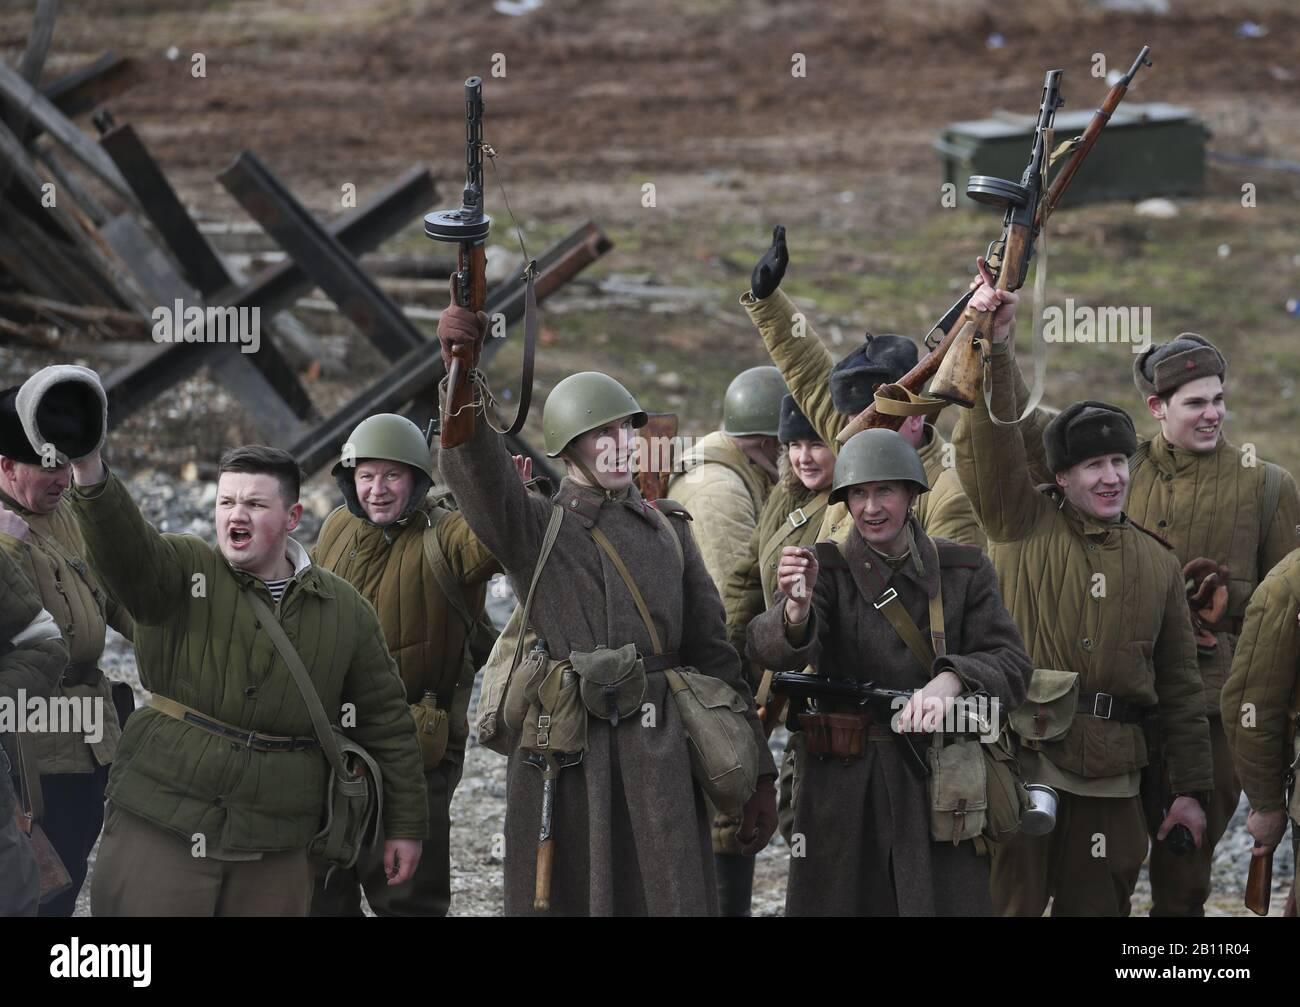 Bielorrusia. 22 de febrero de 2020. REGIÓN de Minsk, BIELORRUSIA - 22 DE FEBRERO de 2020: Una recreación histórica de la Ofensiva Rogachev-Zhlobin de 1944 en el complejo histórico y cultural de la línea Stalin, cerca de la aldea de Goroshki. La Ofensiva Rogachev-Zhlobin fue llevada a cabo por el Ejército Rojo contra las fuerzas alemanas nazis el 21 - 26 de febrero de 1944 durante la Gran Guerra Patriótica de 1941-1945 (parte de la Segunda Guerra Mundial). Durante la ofensiva, las tropas soviéticas infligieron graves daños a las tropas alemanas nazis y pudieron cruzar el Dnieper. Natalia Fedosenko/TASS crédito: ITAR-TASS News Agency/Alamy Live News Foto de stock